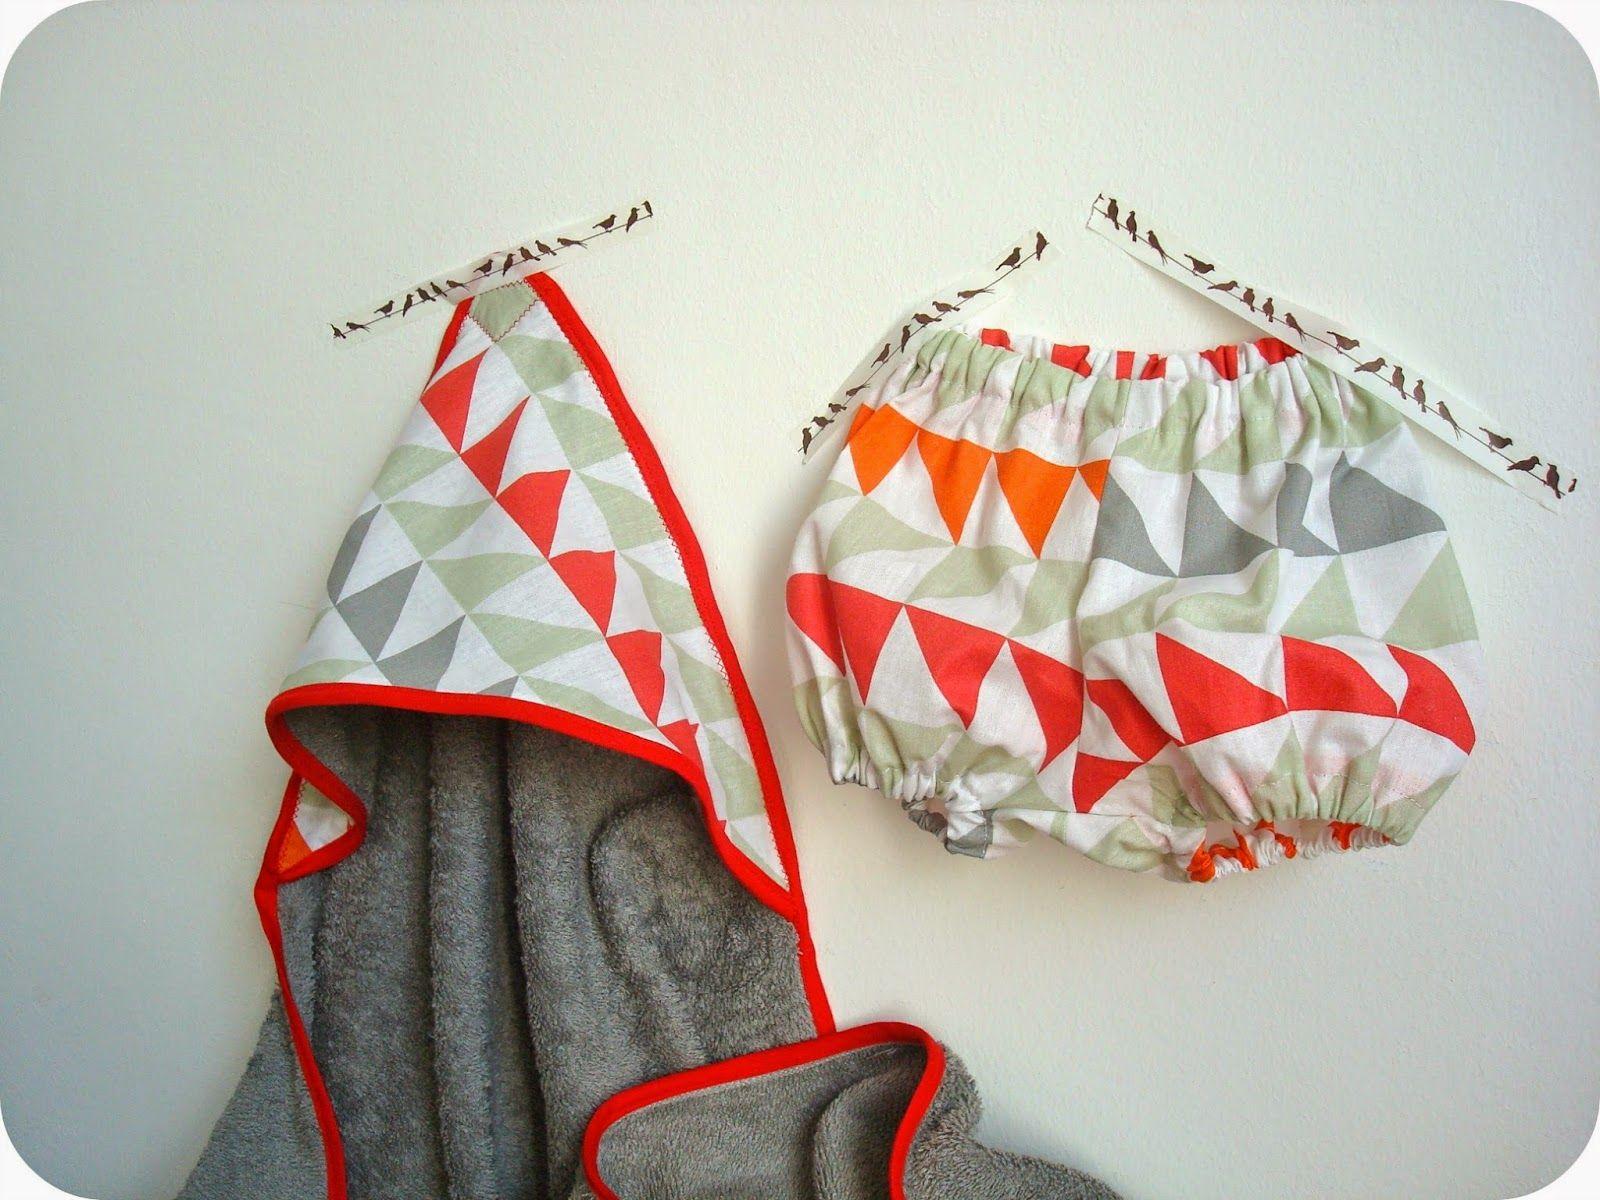 cadeau de naissance bloomer et cape de bain diy pinterest triangles. Black Bedroom Furniture Sets. Home Design Ideas